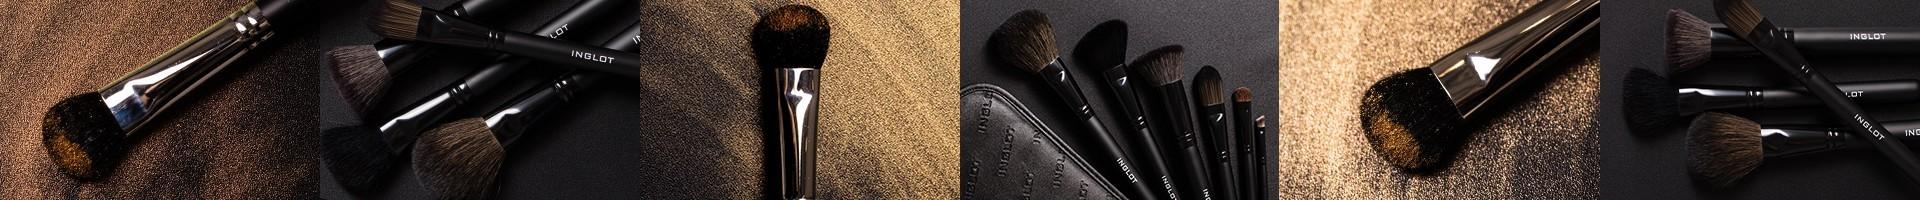 Pinceau pigment